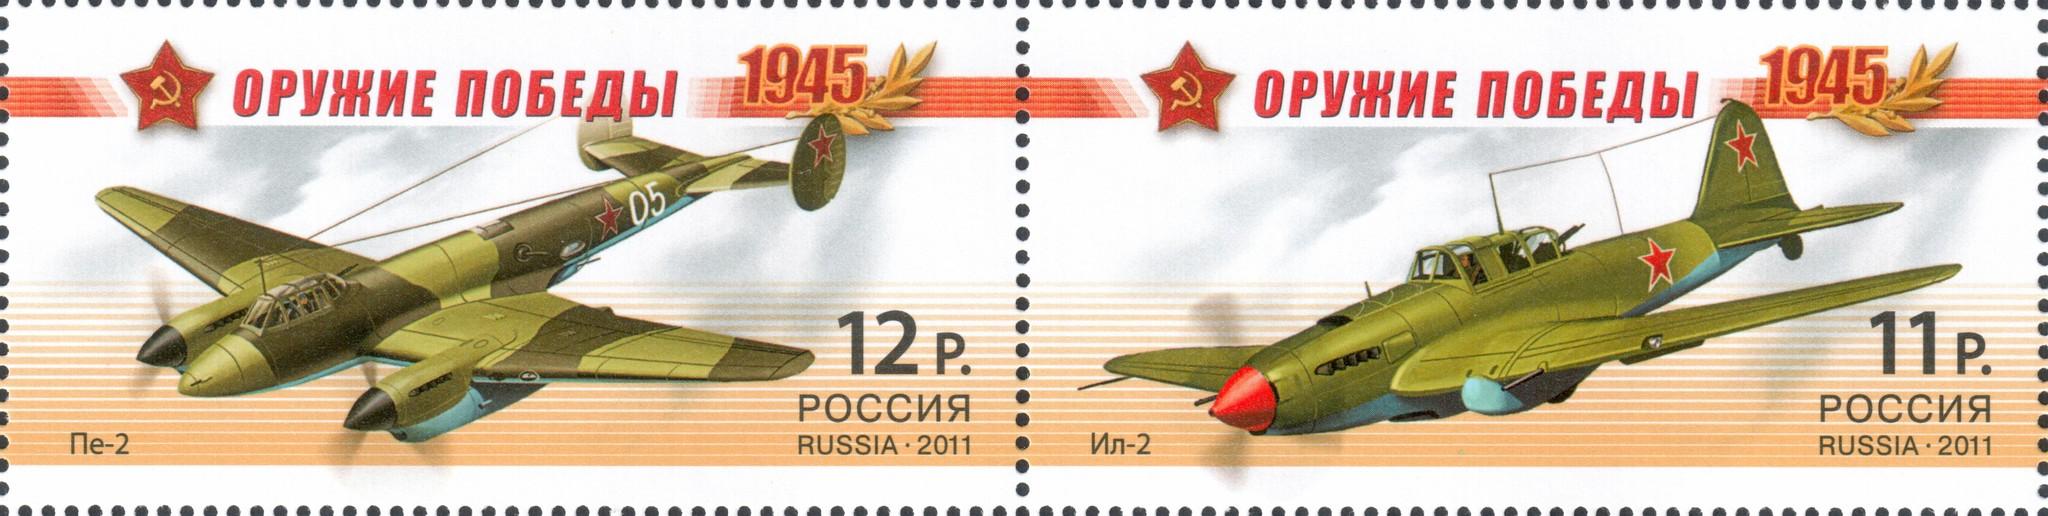 Советские самолёты времён Второй мировой войны: Пе-2 и Ил-2